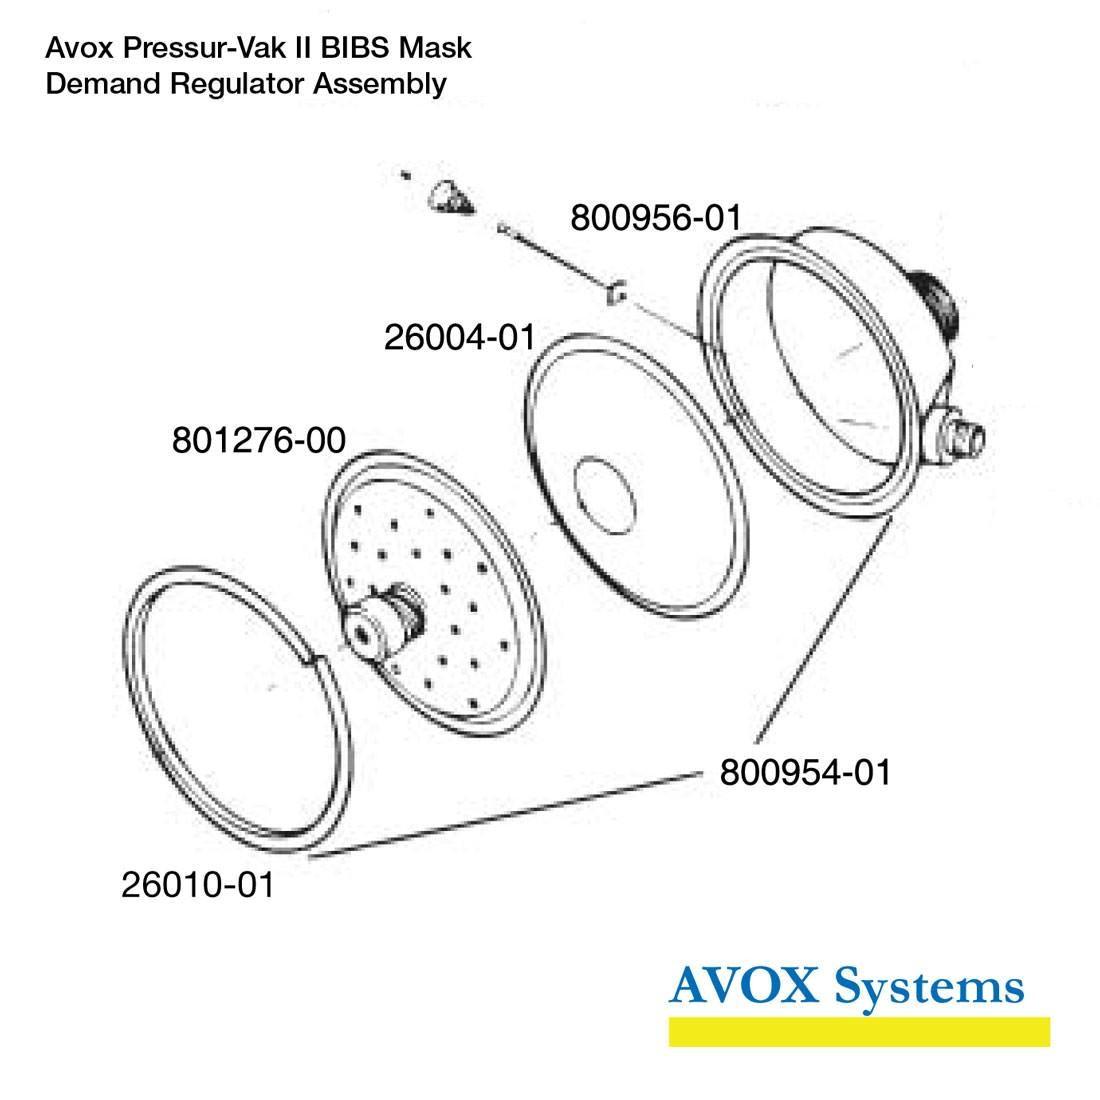 Pressur-Vak II Demand Regulator Repair Kit - Spares